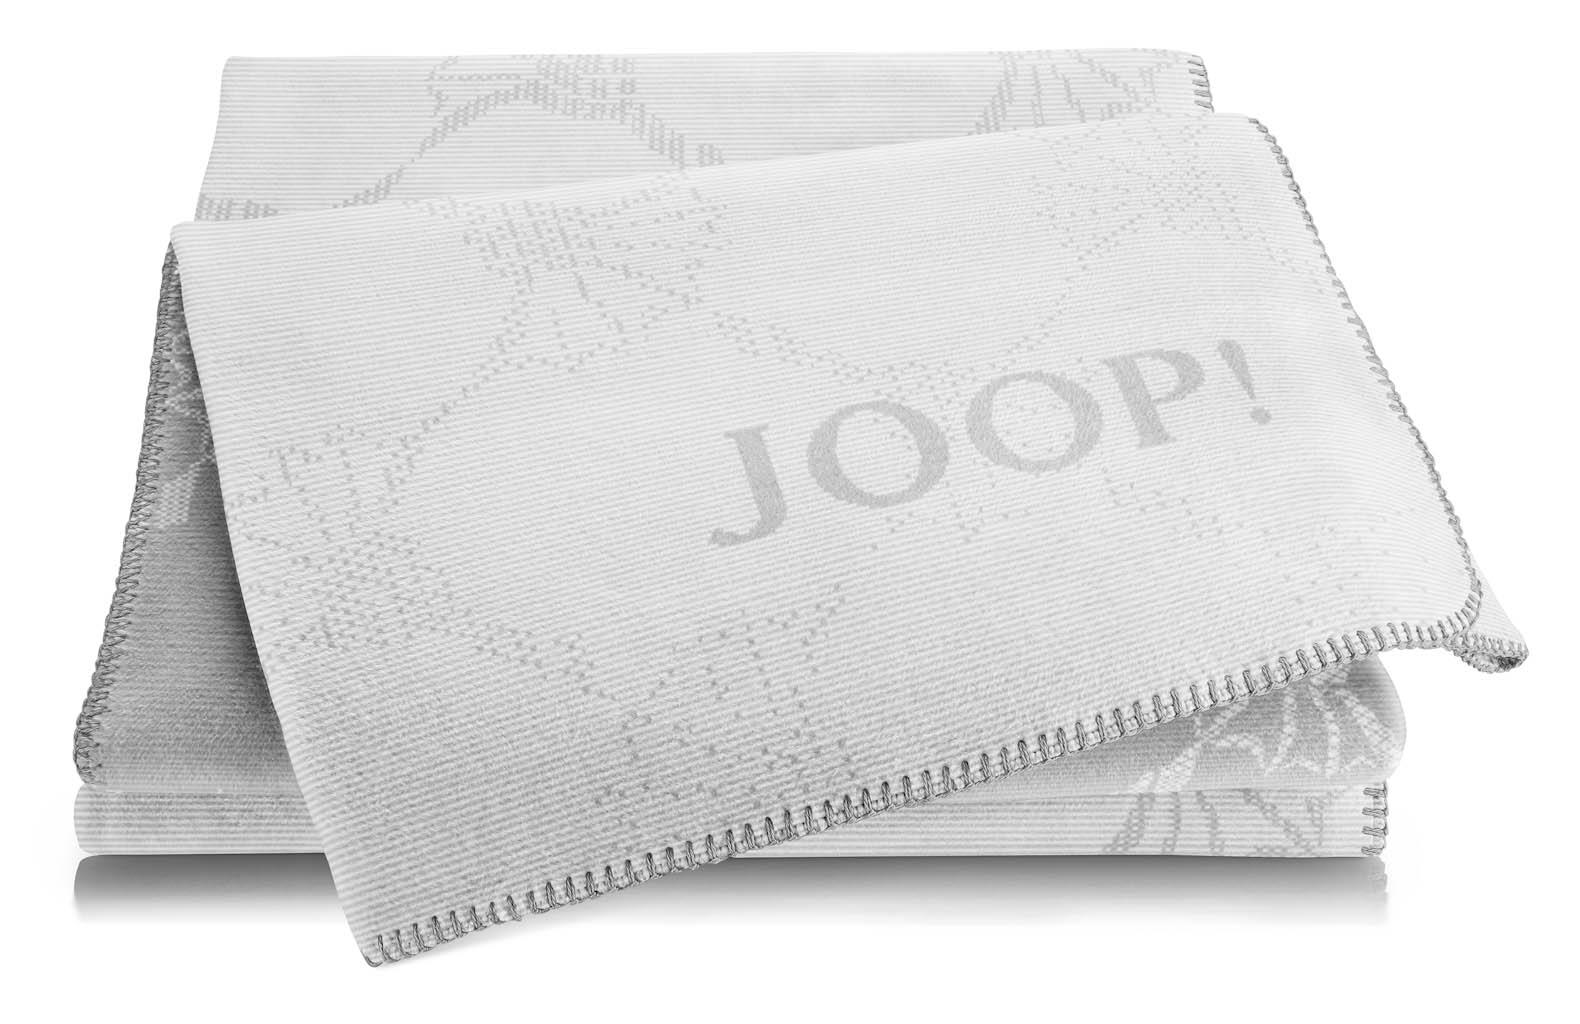 JOOP! Wohndecke Cornflower Double 751492 Natur-Stein 150x200 cm neue Kollektion